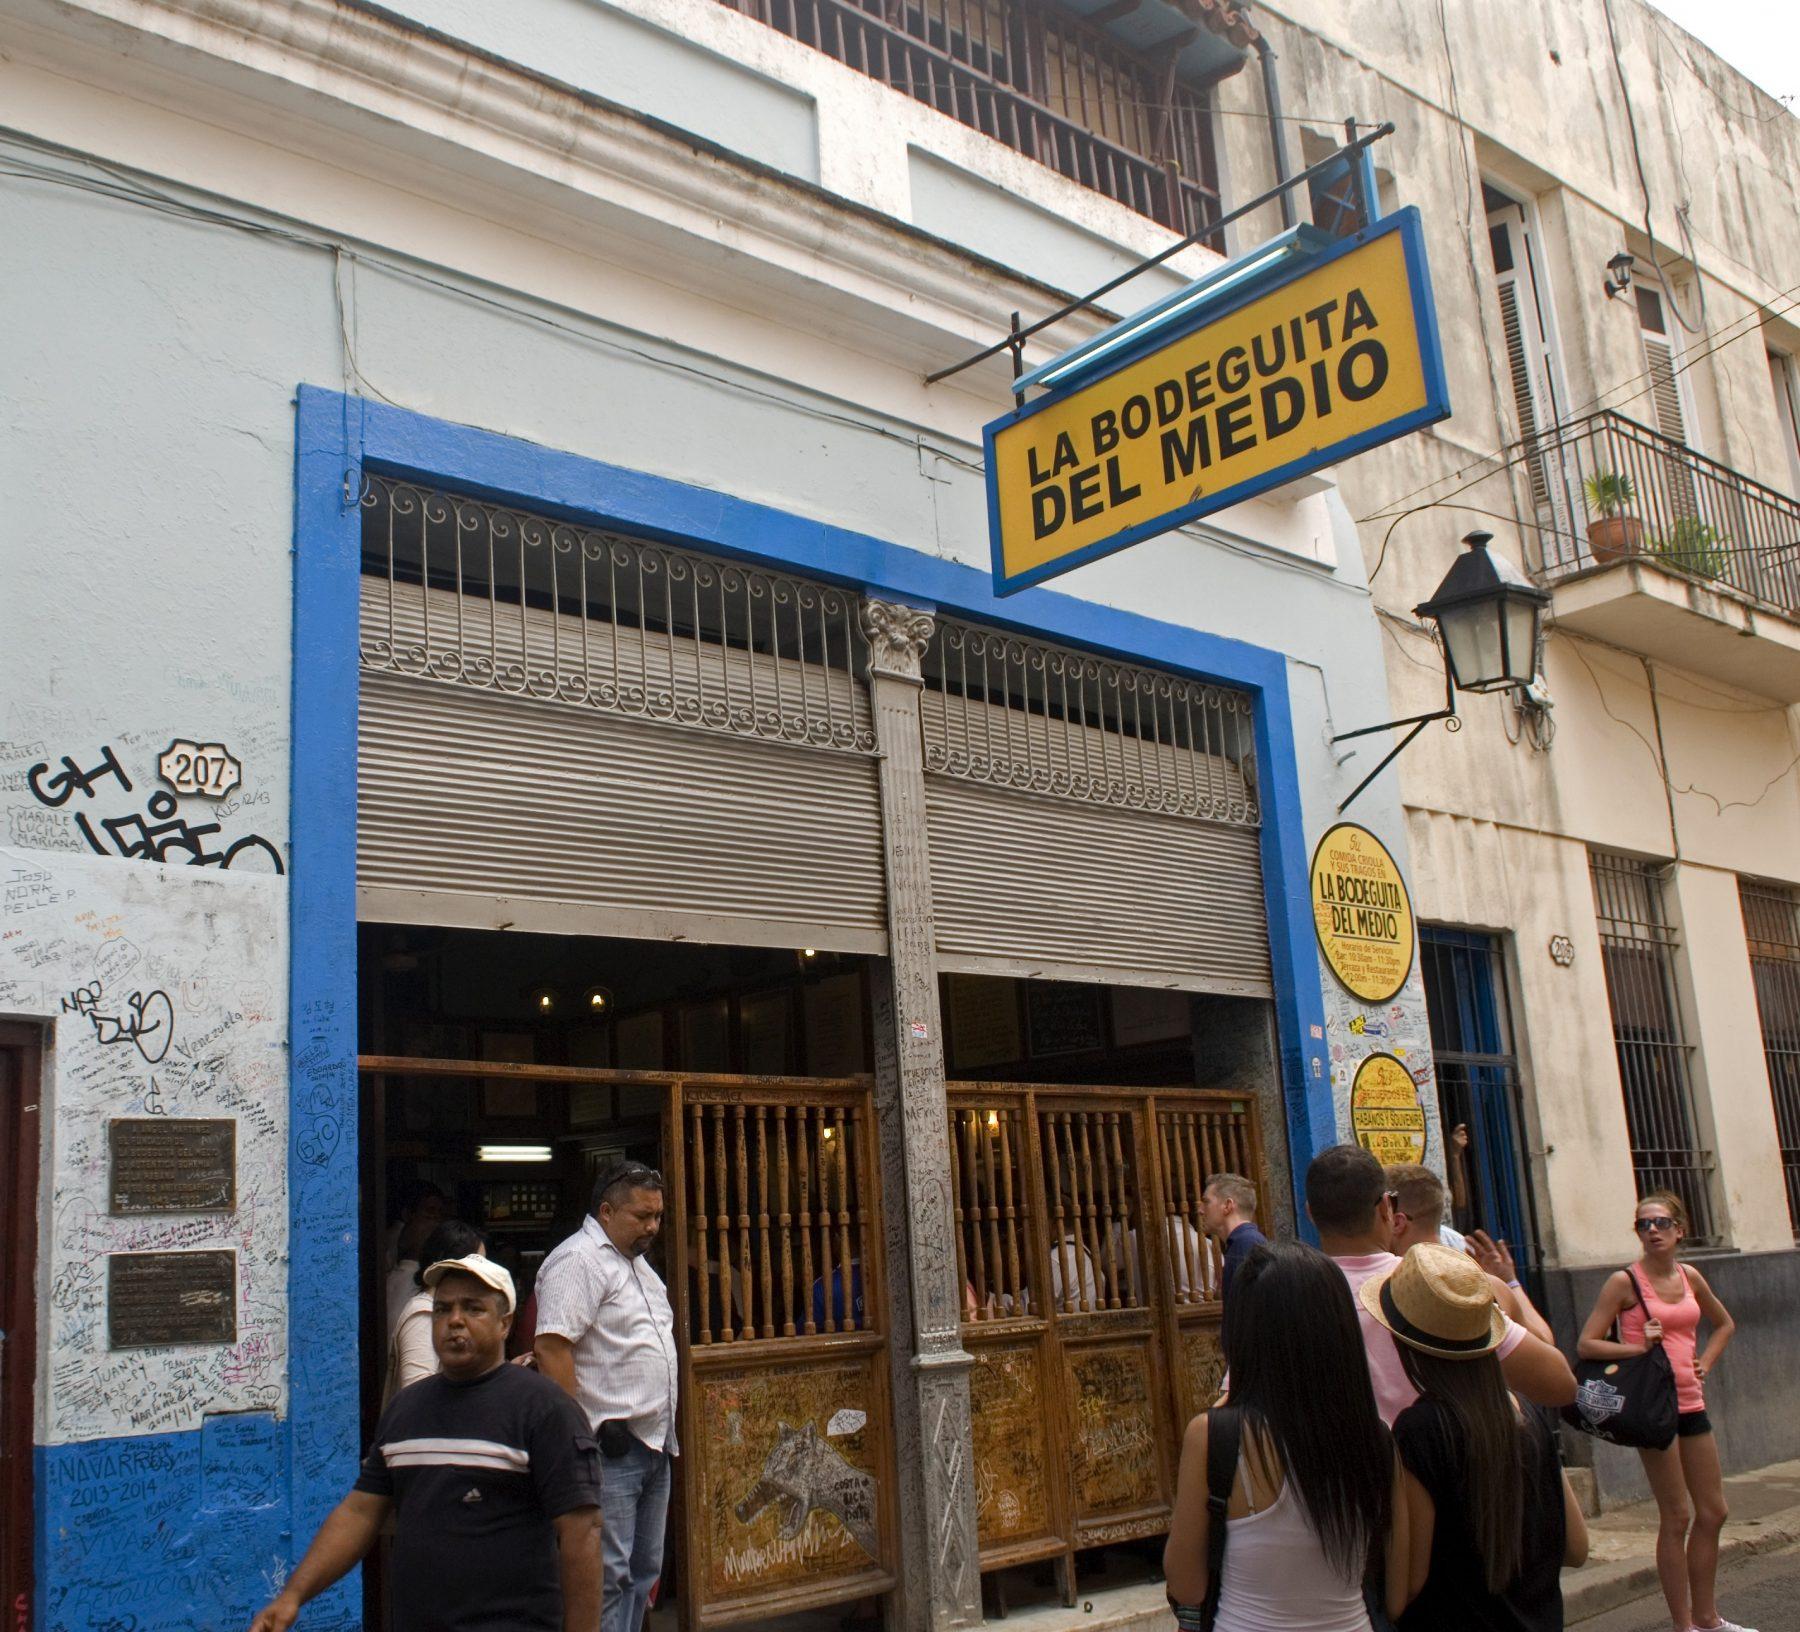 La Boseguita del Medio, il locale di Hemingway, Avana.